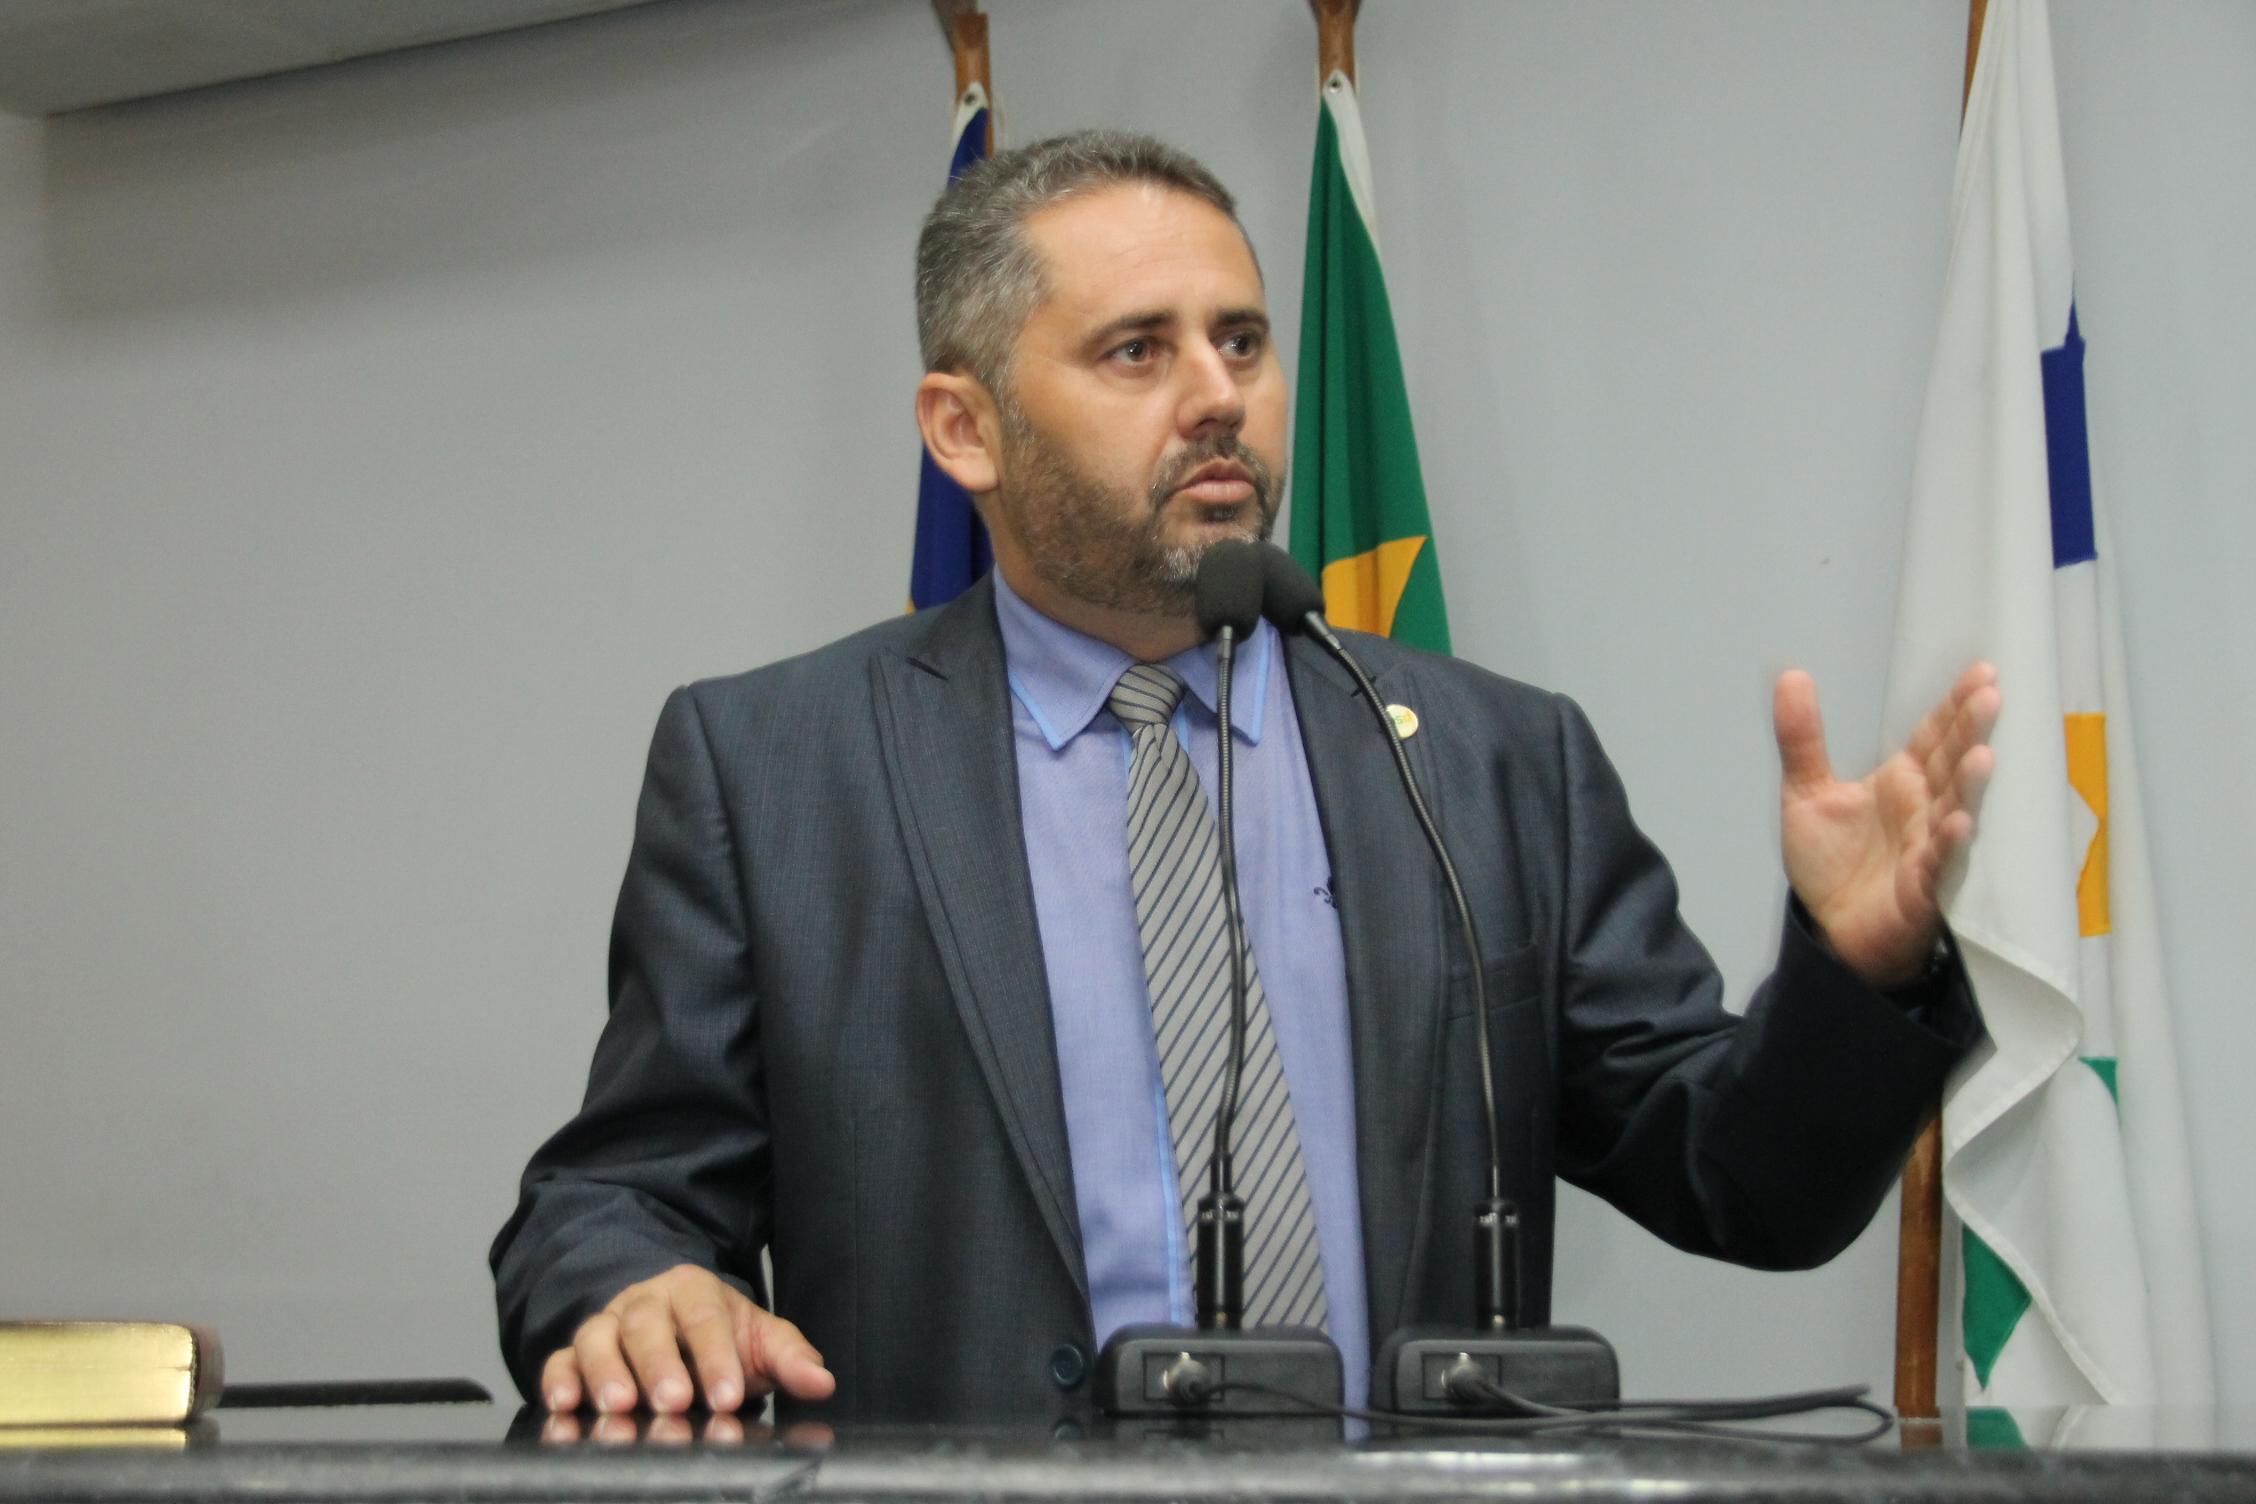 Anel viário recebe placas de sinalização e redutores de velocidades após solicitação de Marcelo Lemos